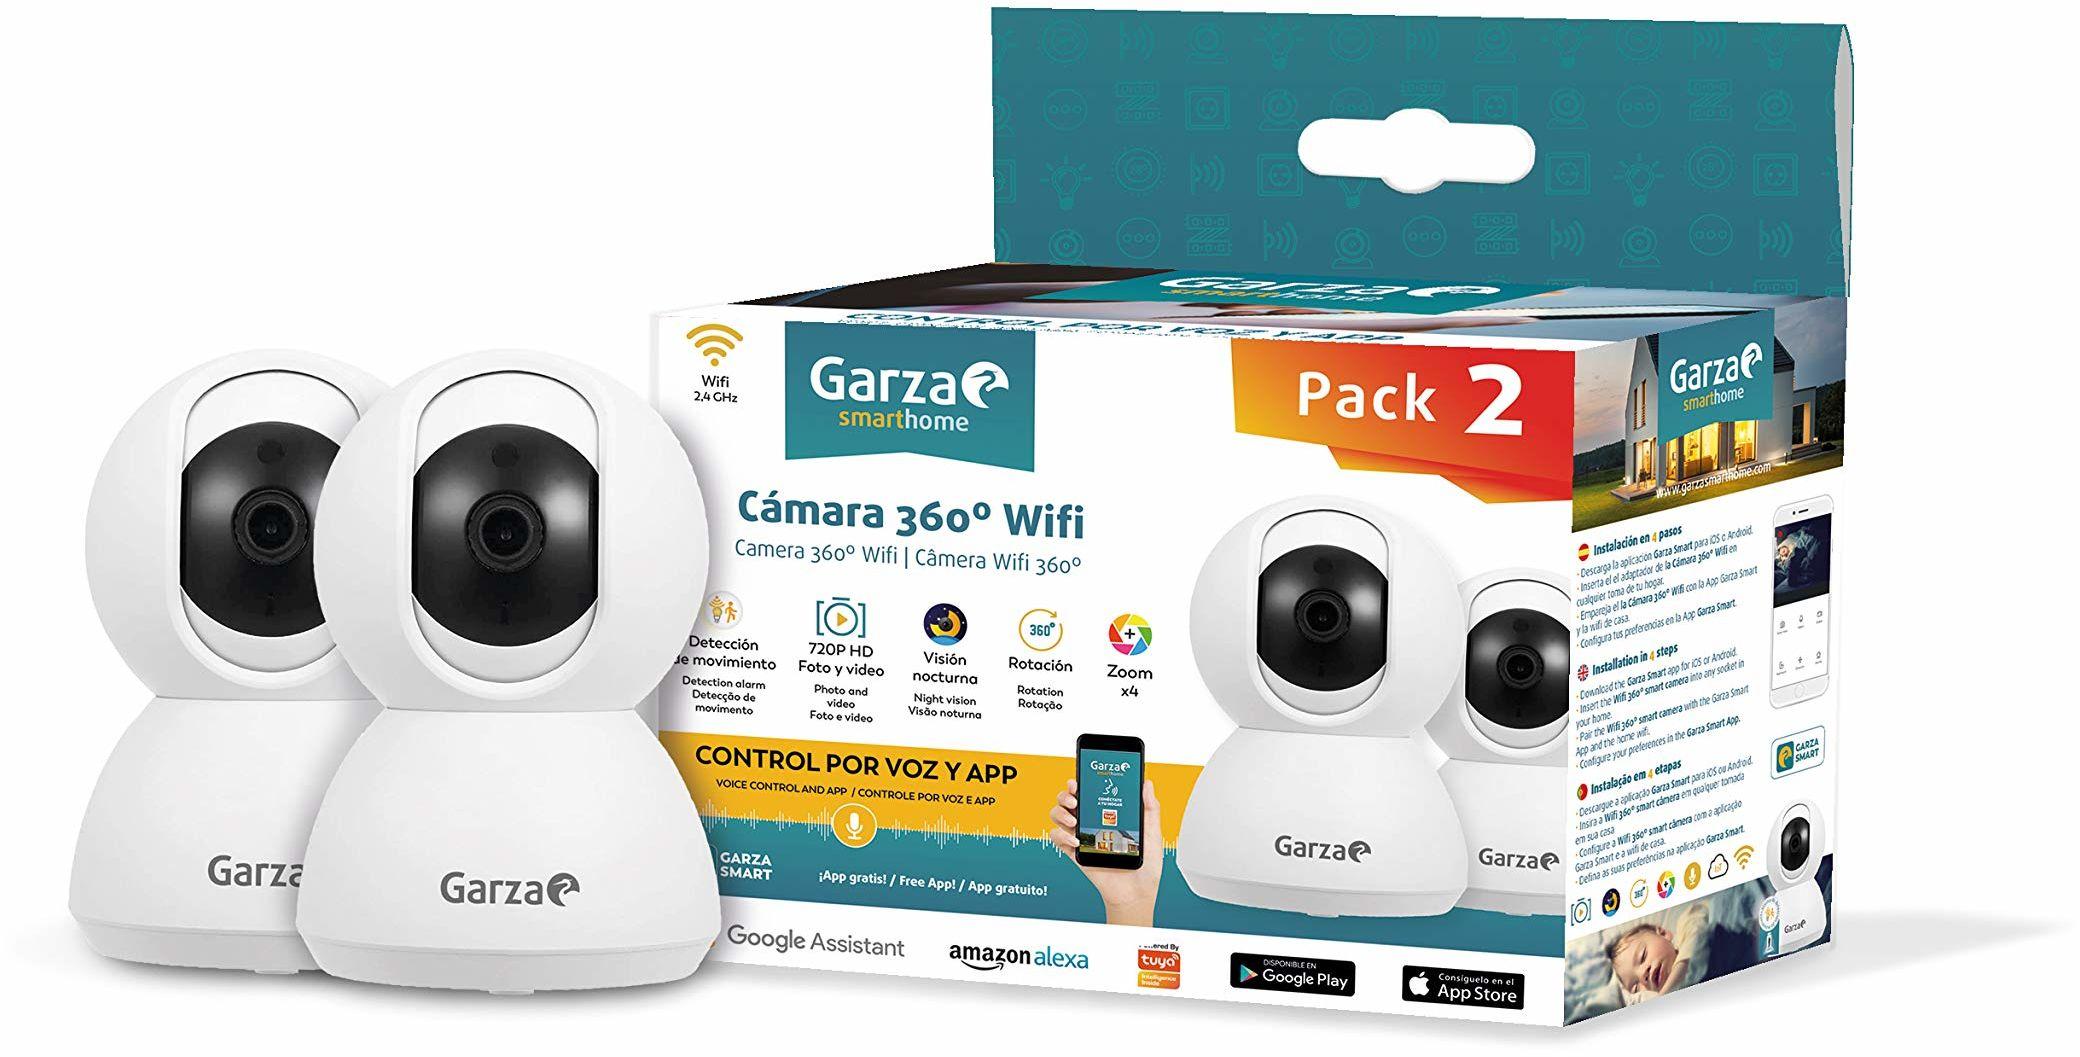 Garza Smarthome inteligentna kamera 360 WiFi do bezpieczeństwa, HD 720p, widoczność w nocy i zoom, sterowanie głosem i aplikacja, Alexa, iOS, Google, Android